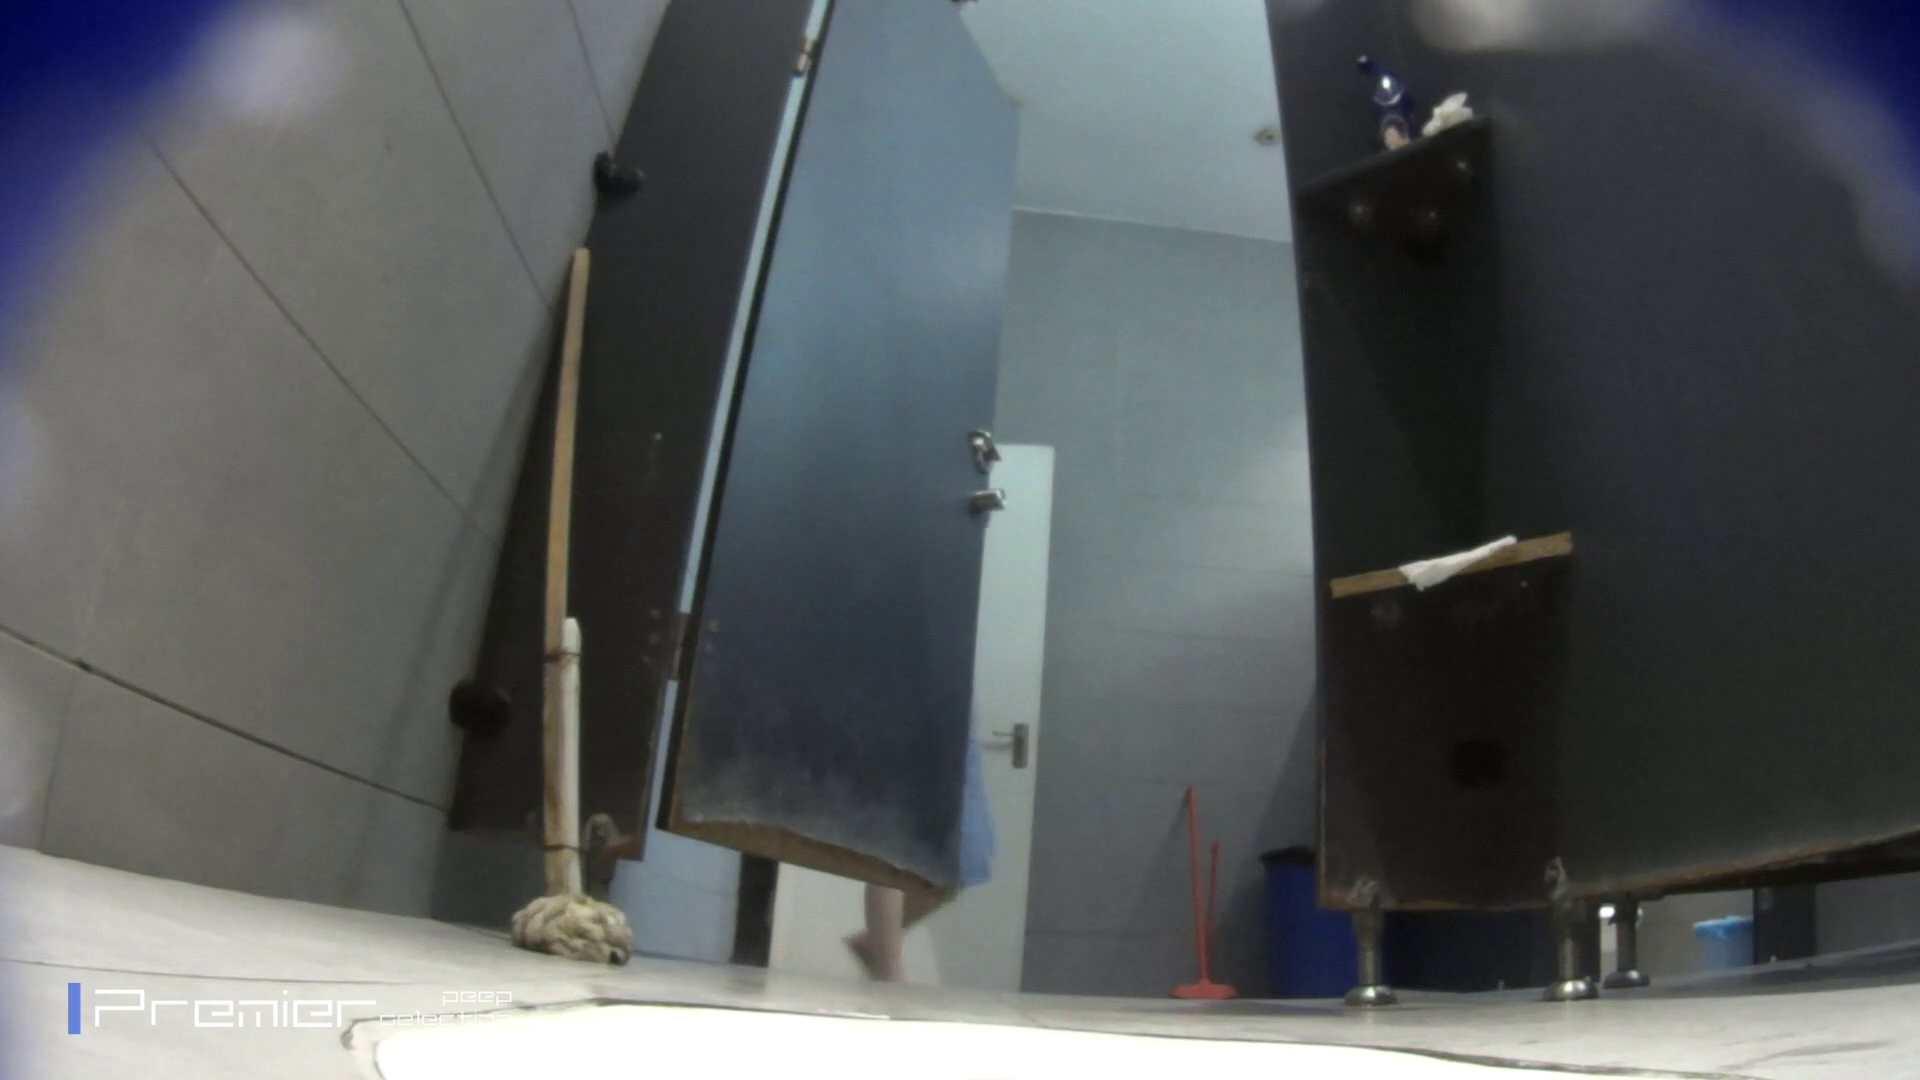 個室のドアを開けたまま放nyoする乙女 大学休憩時間の洗面所事情85 洗面所 オメコ無修正動画無料 89画像 6